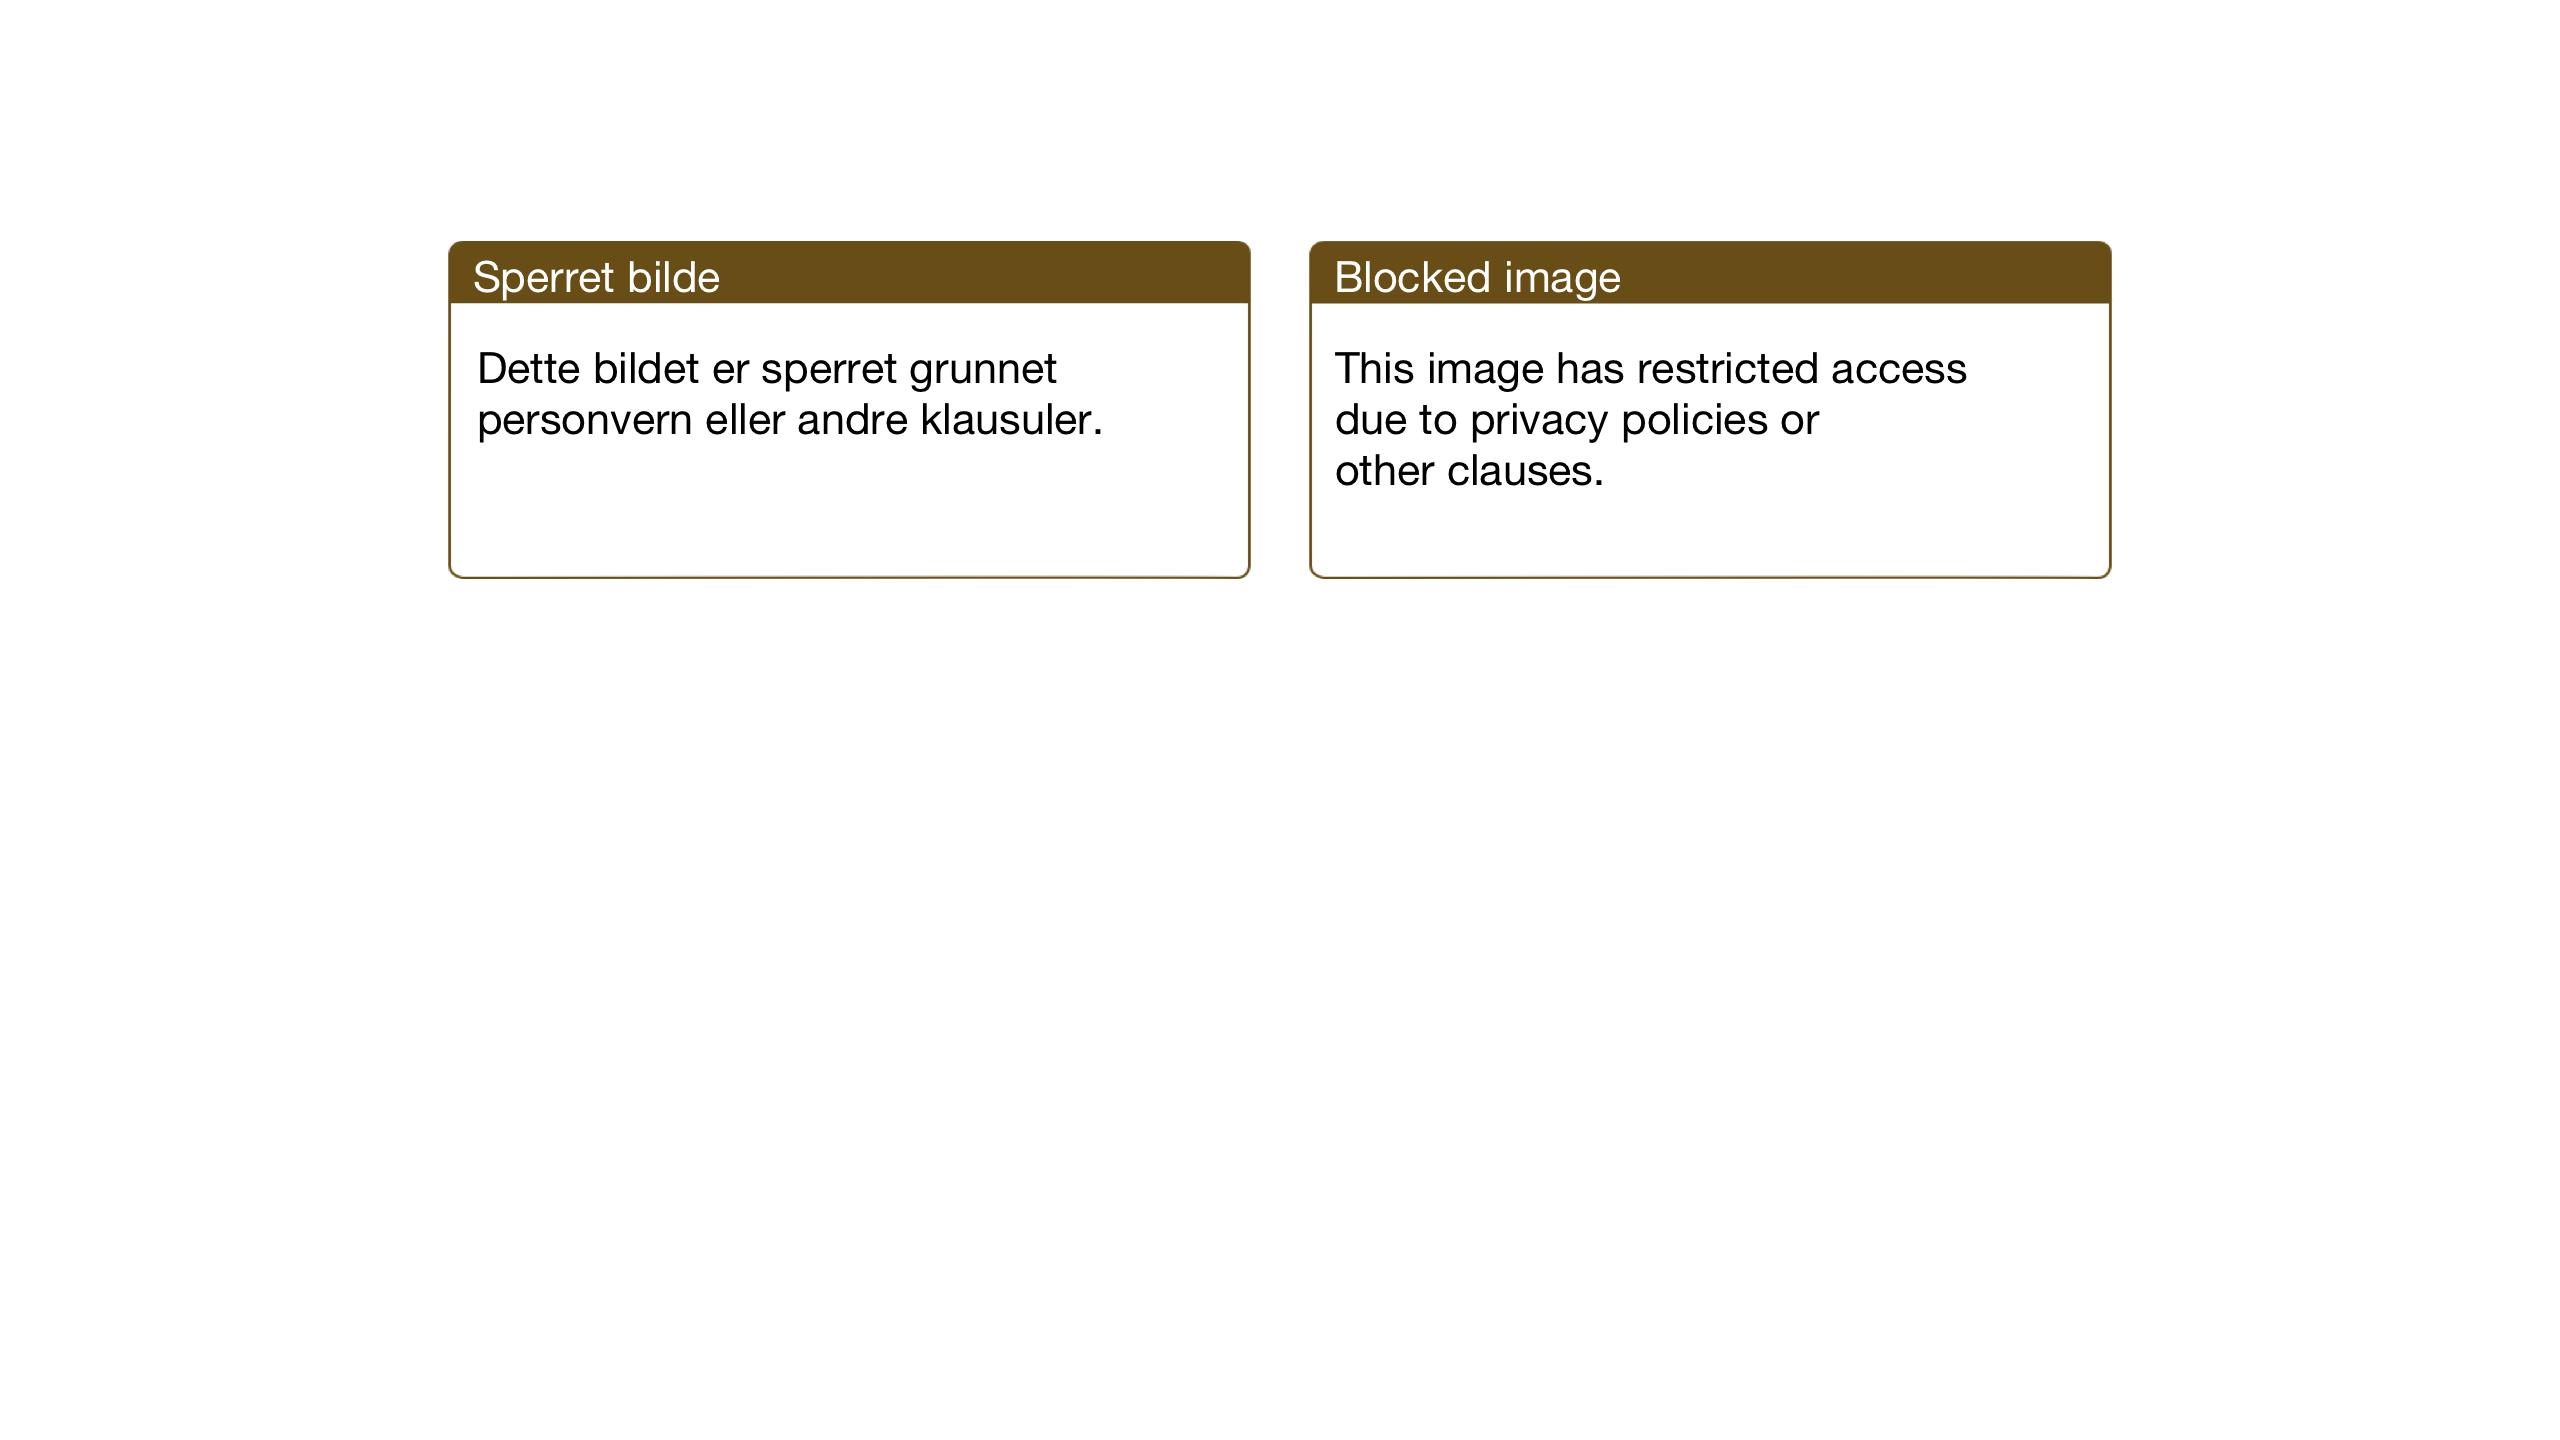 SAT, Ministerialprotokoller, klokkerbøker og fødselsregistre - Nord-Trøndelag, 746/L0456: Klokkerbok nr. 746C02, 1936-1948, s. 39